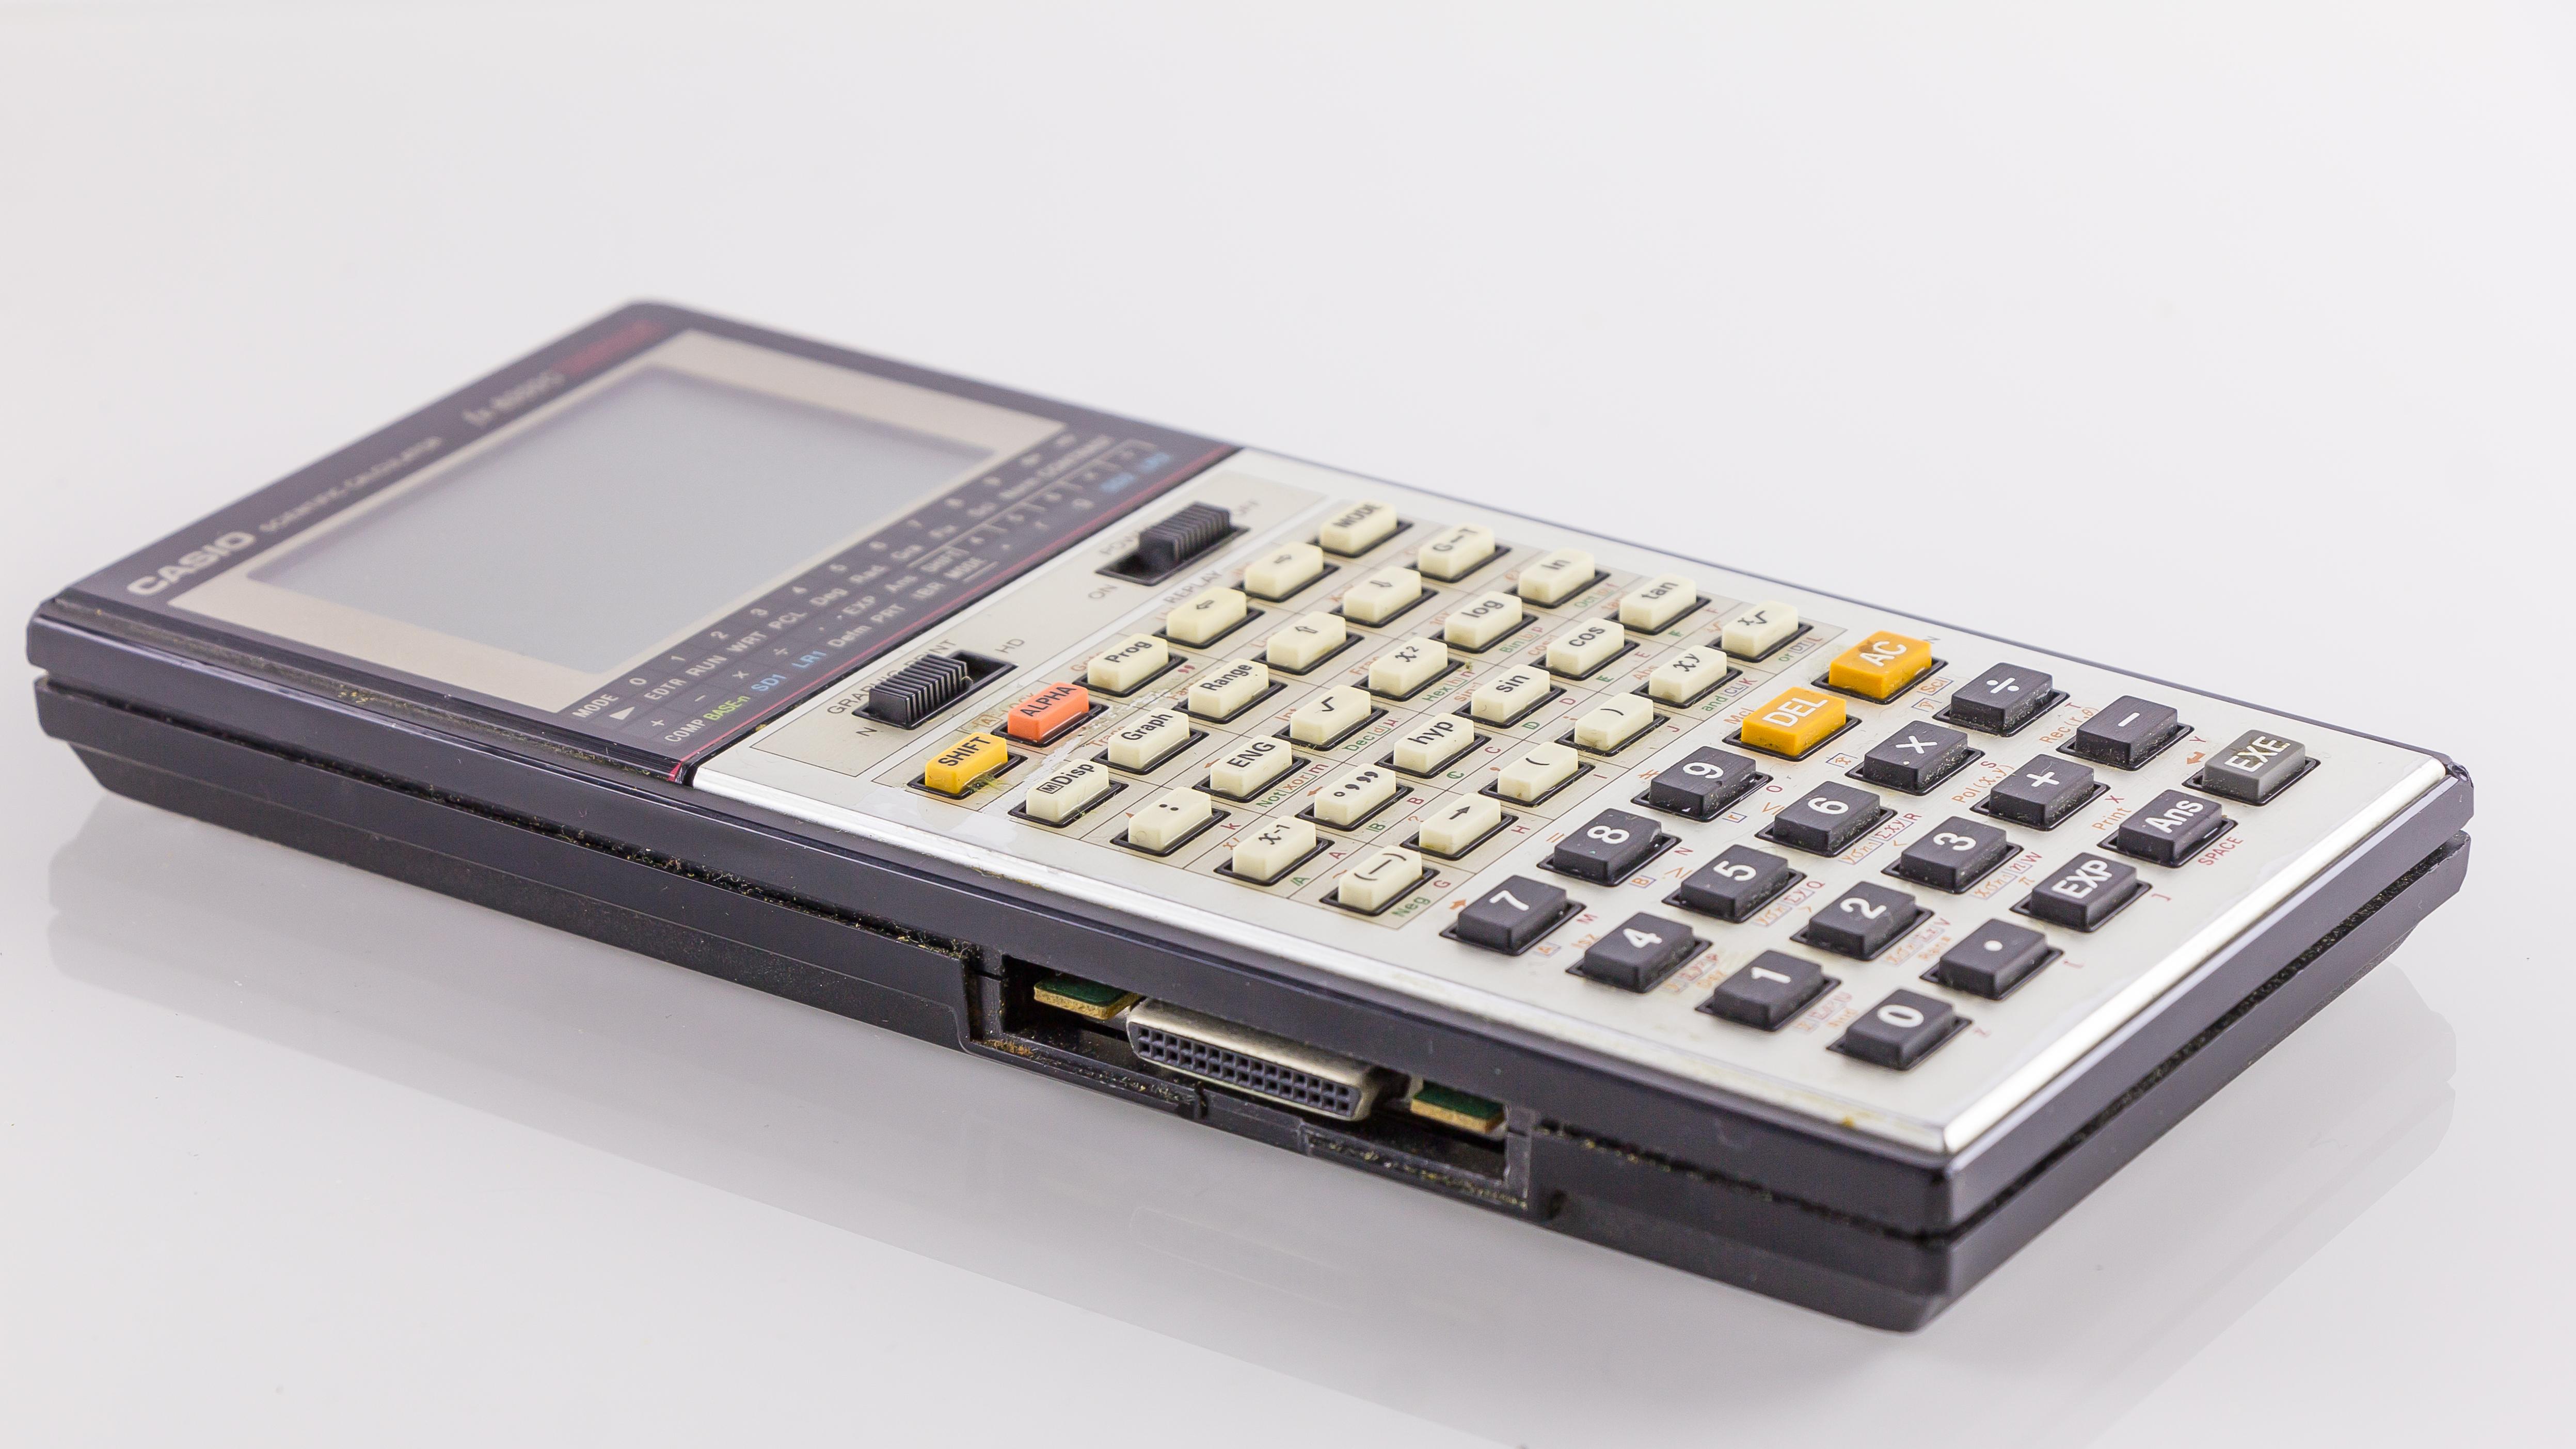 Casio graphic calculators - Wikipedia